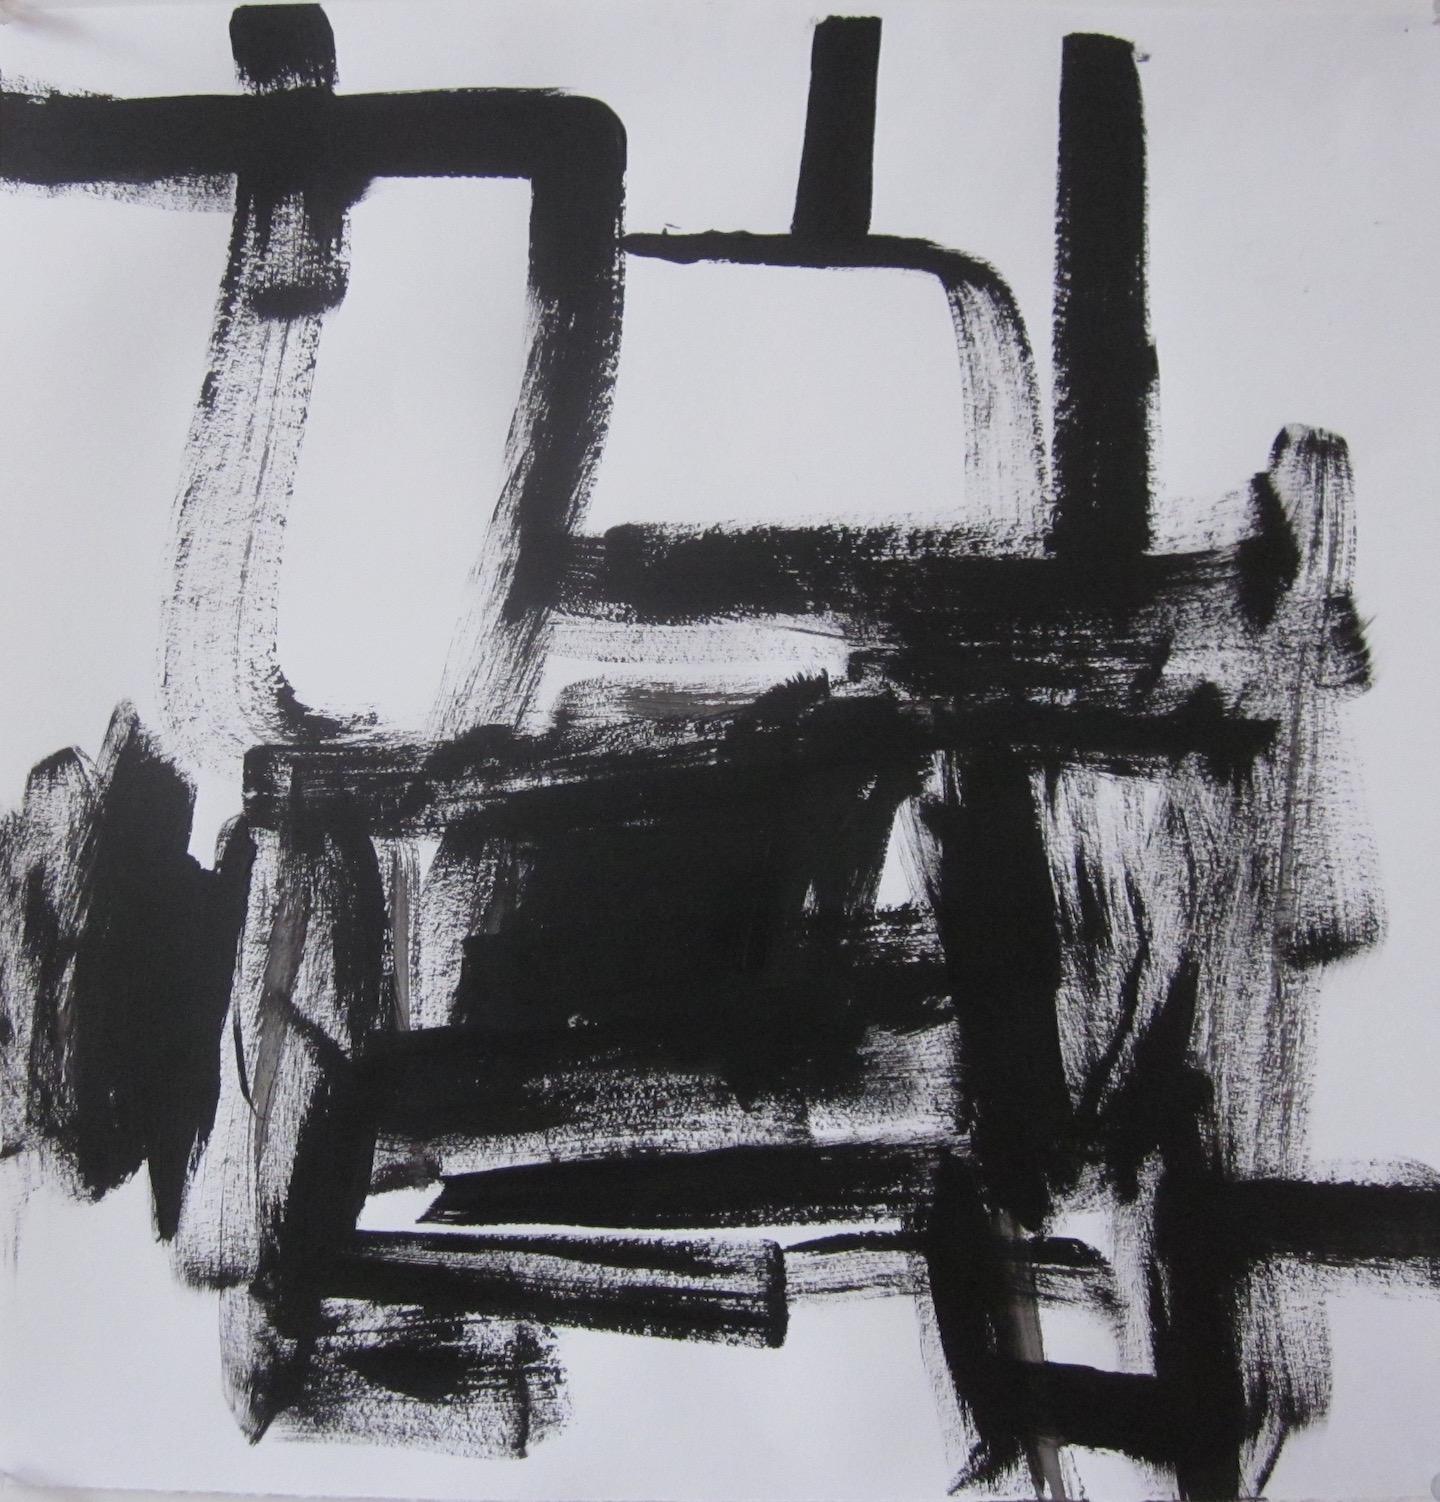 Black & White Study #2